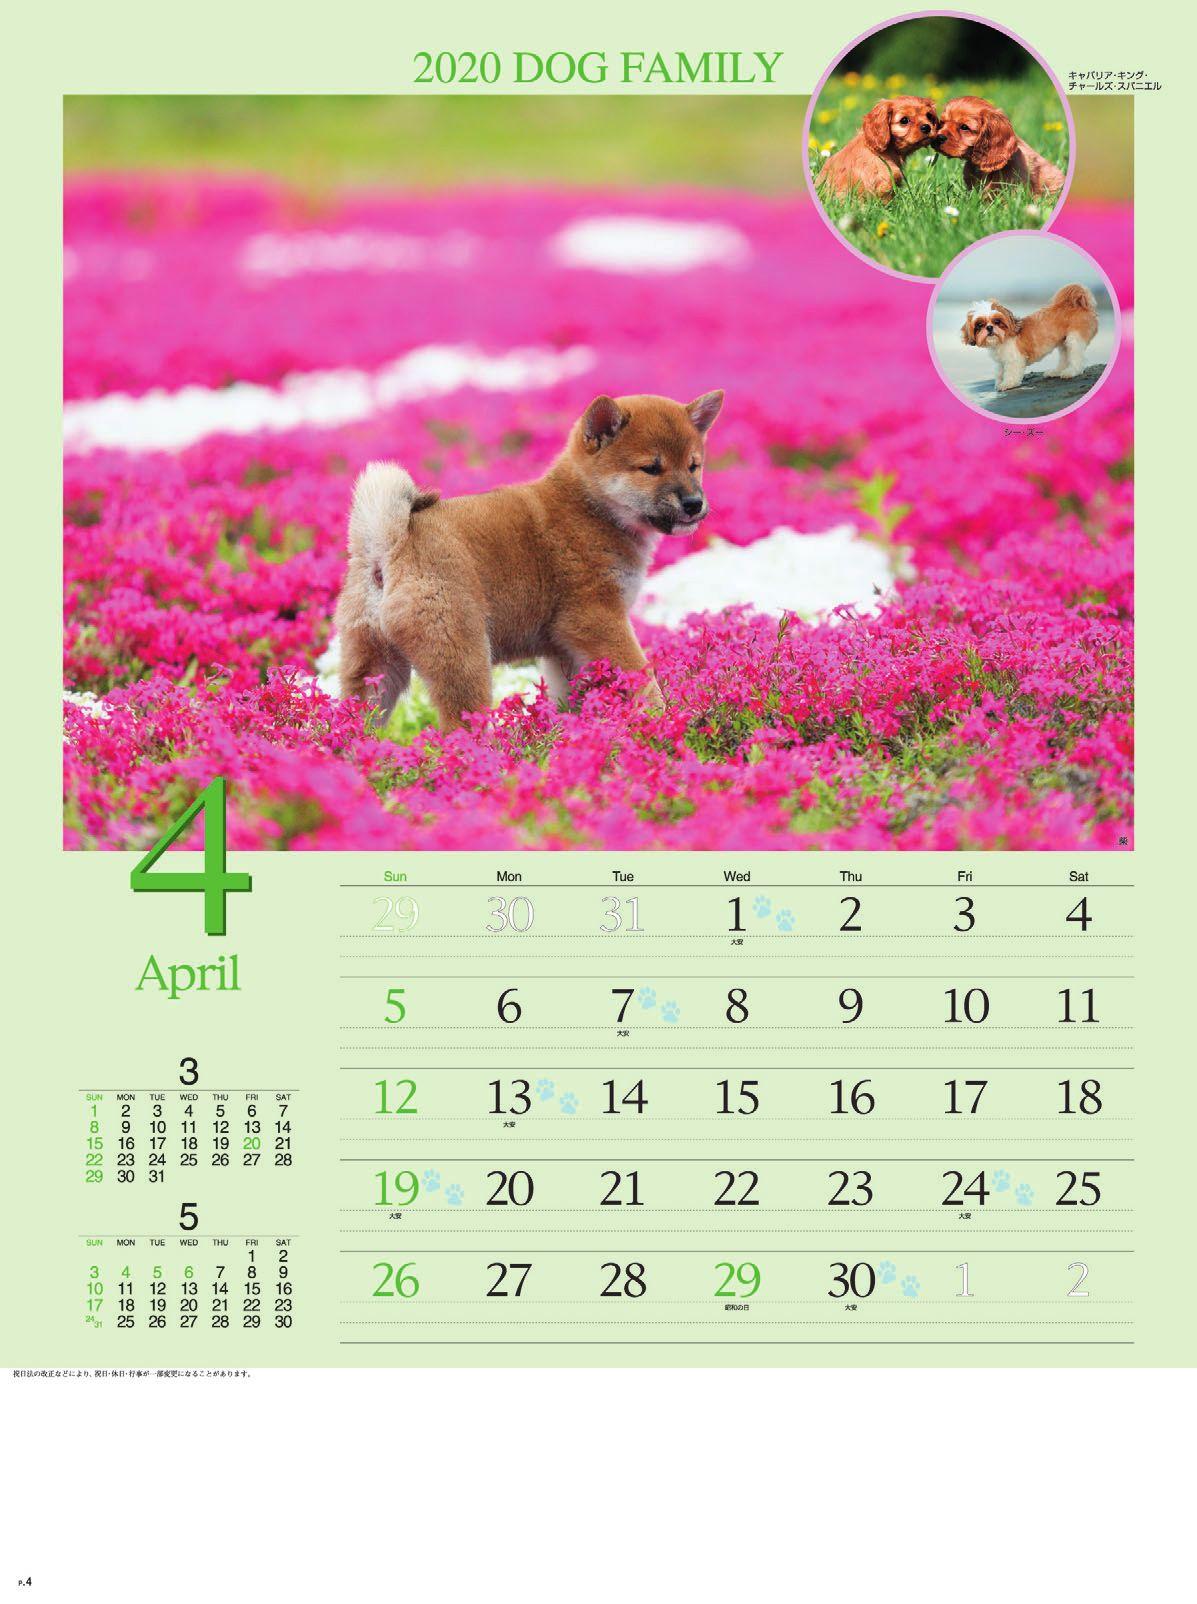 画像:柴 ドッグファミリー 2020年カレンダー